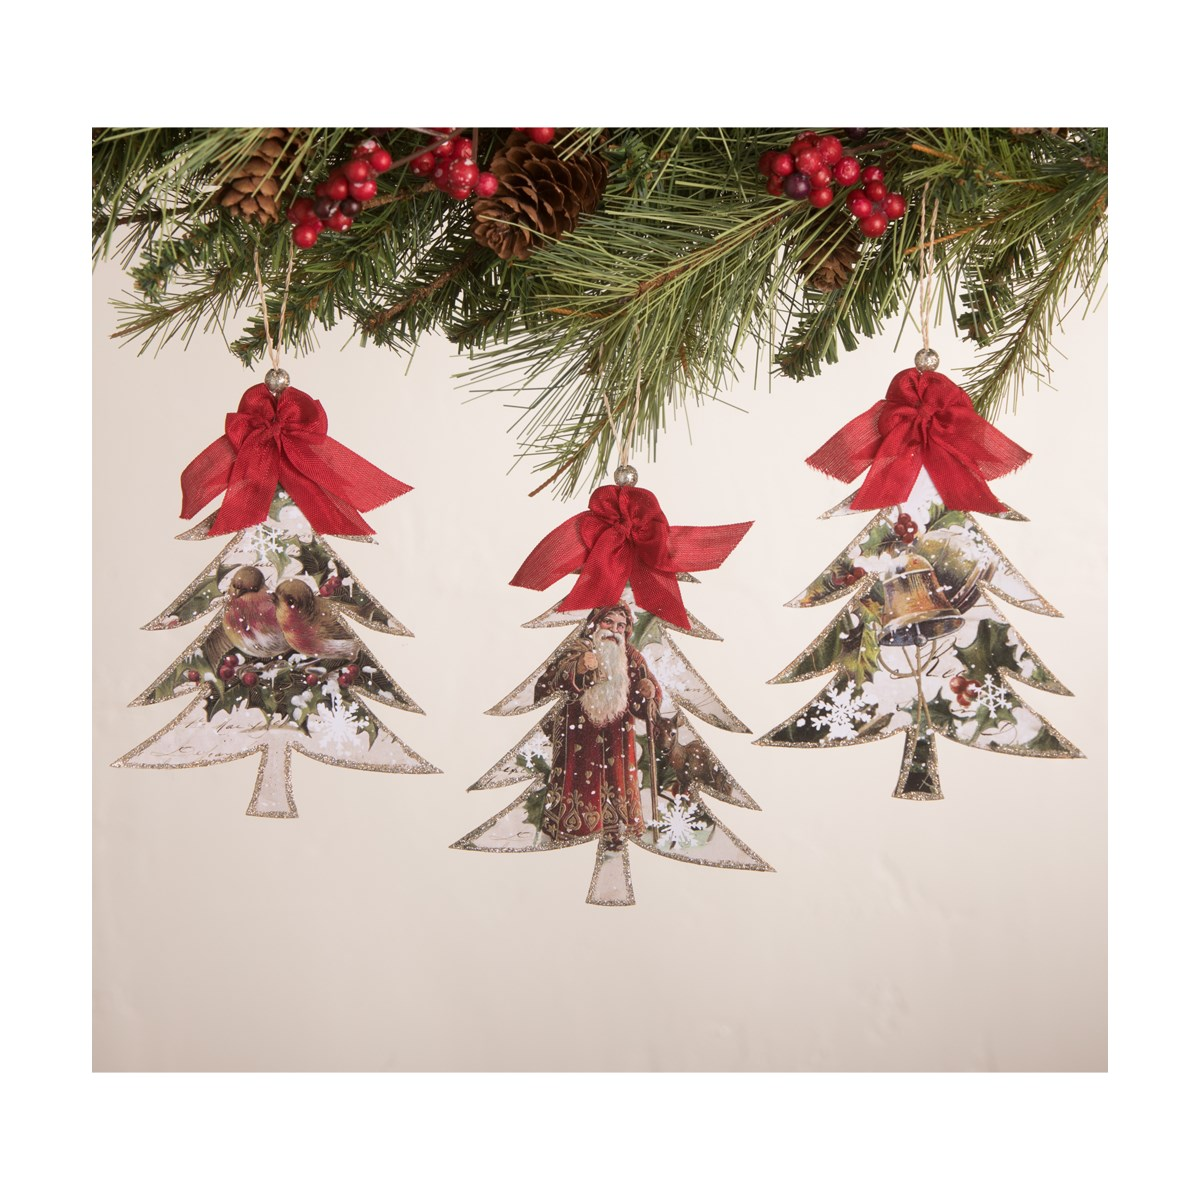 O' Tannenbaum Pressed Paper Tree Ornament 3A